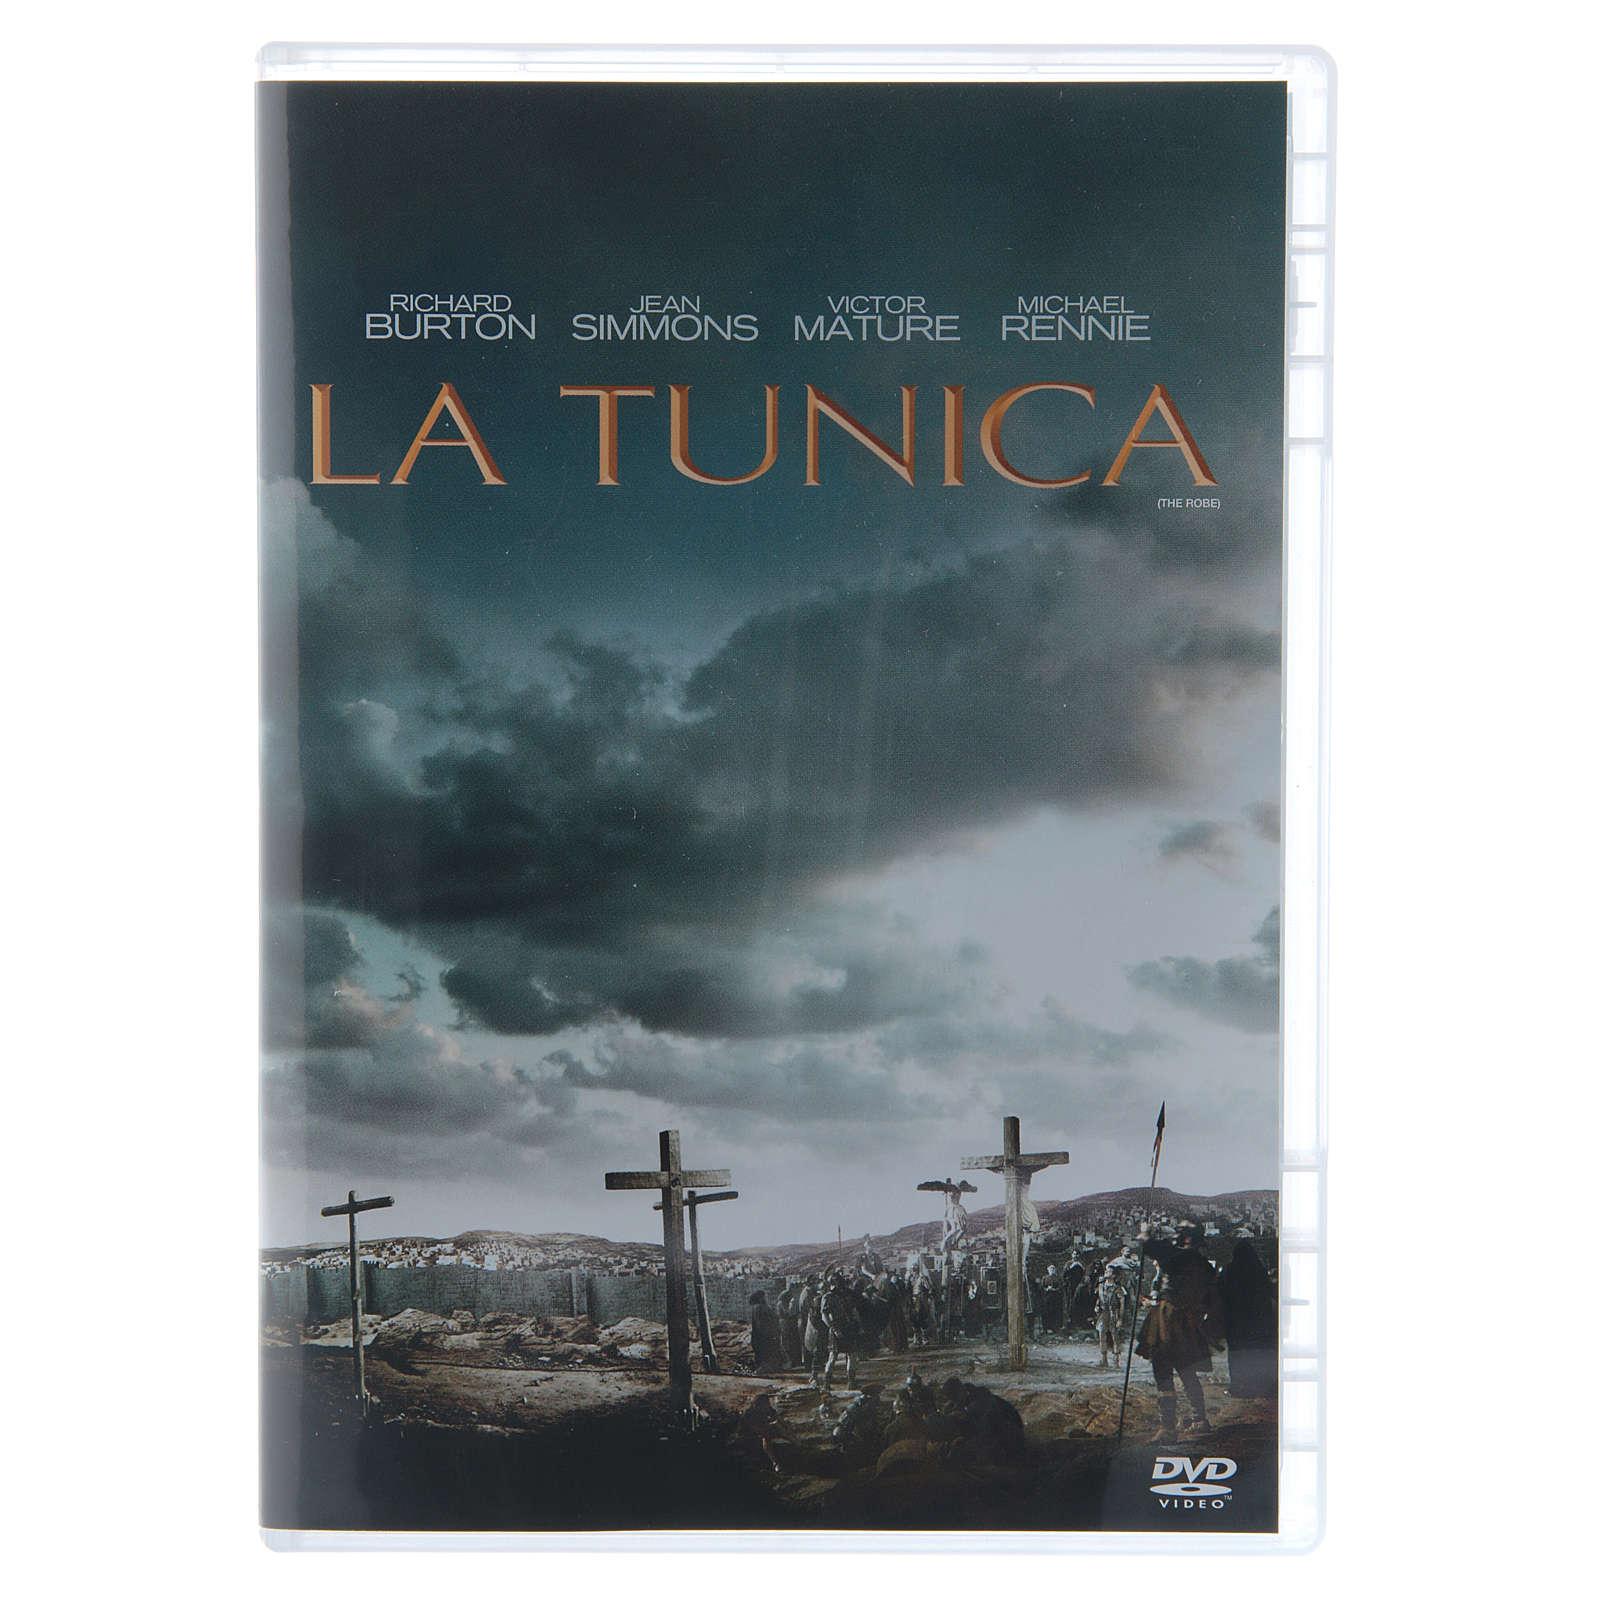 La tunica 3